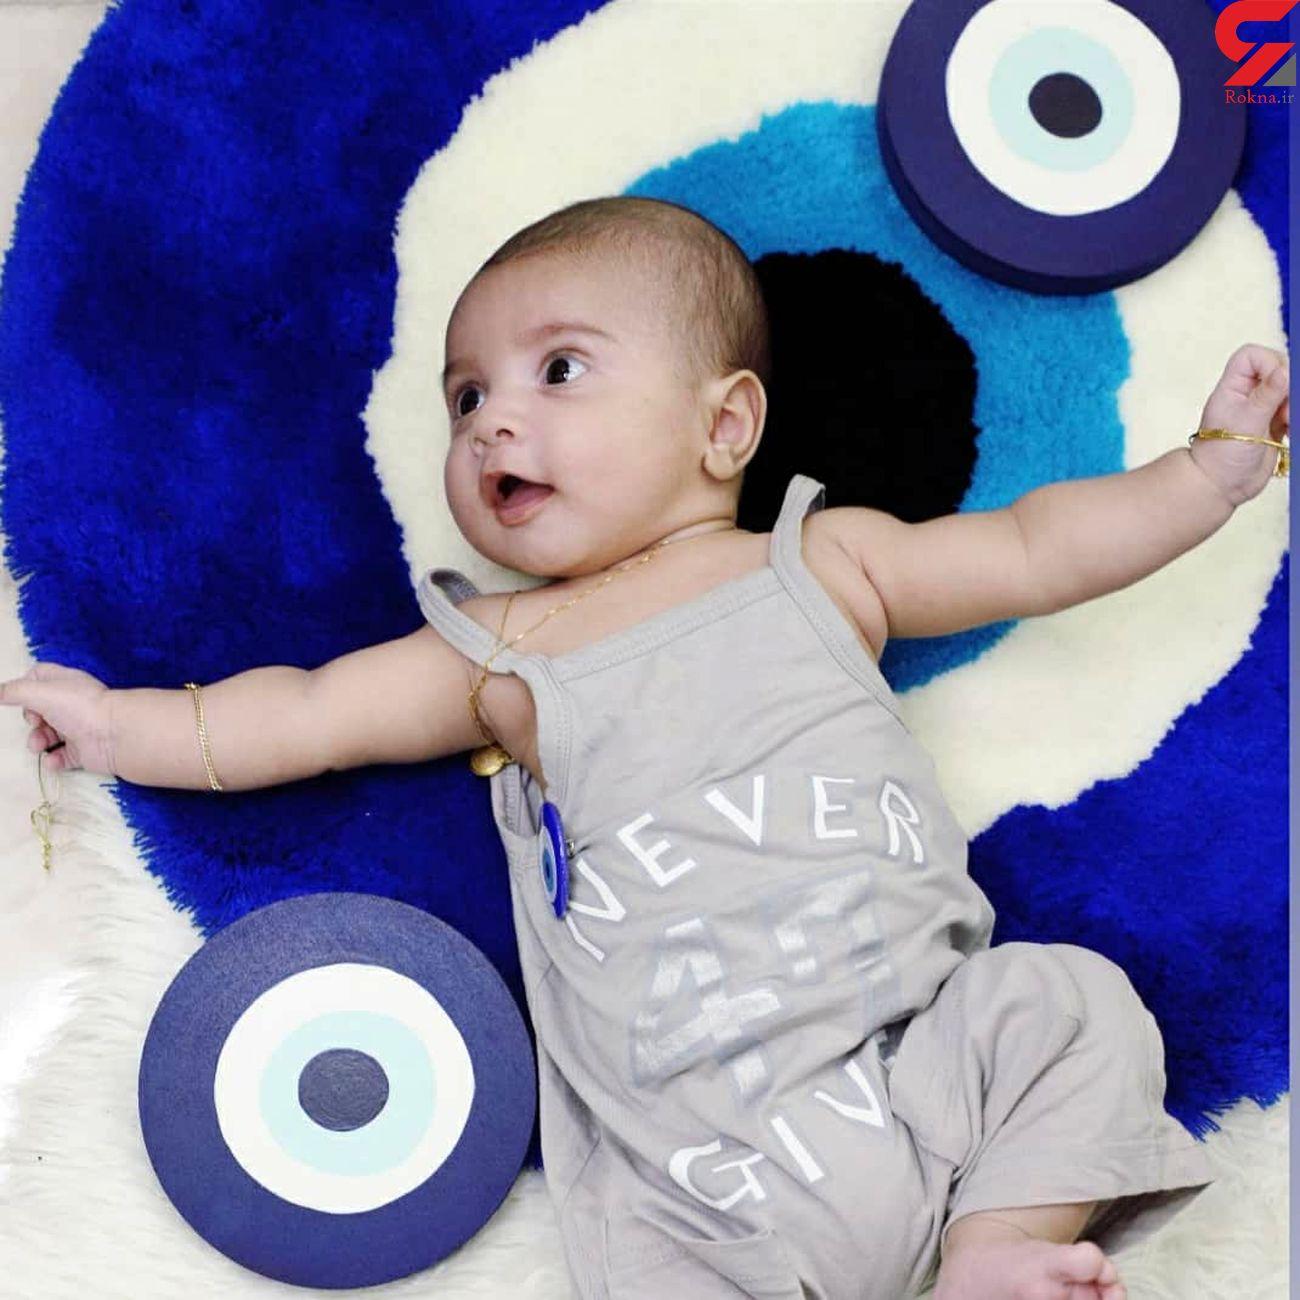 مهرسام 6 ماهه کجاست ؟  کودک اهوازی را با خودروی پدرش دزدیدند + عکس